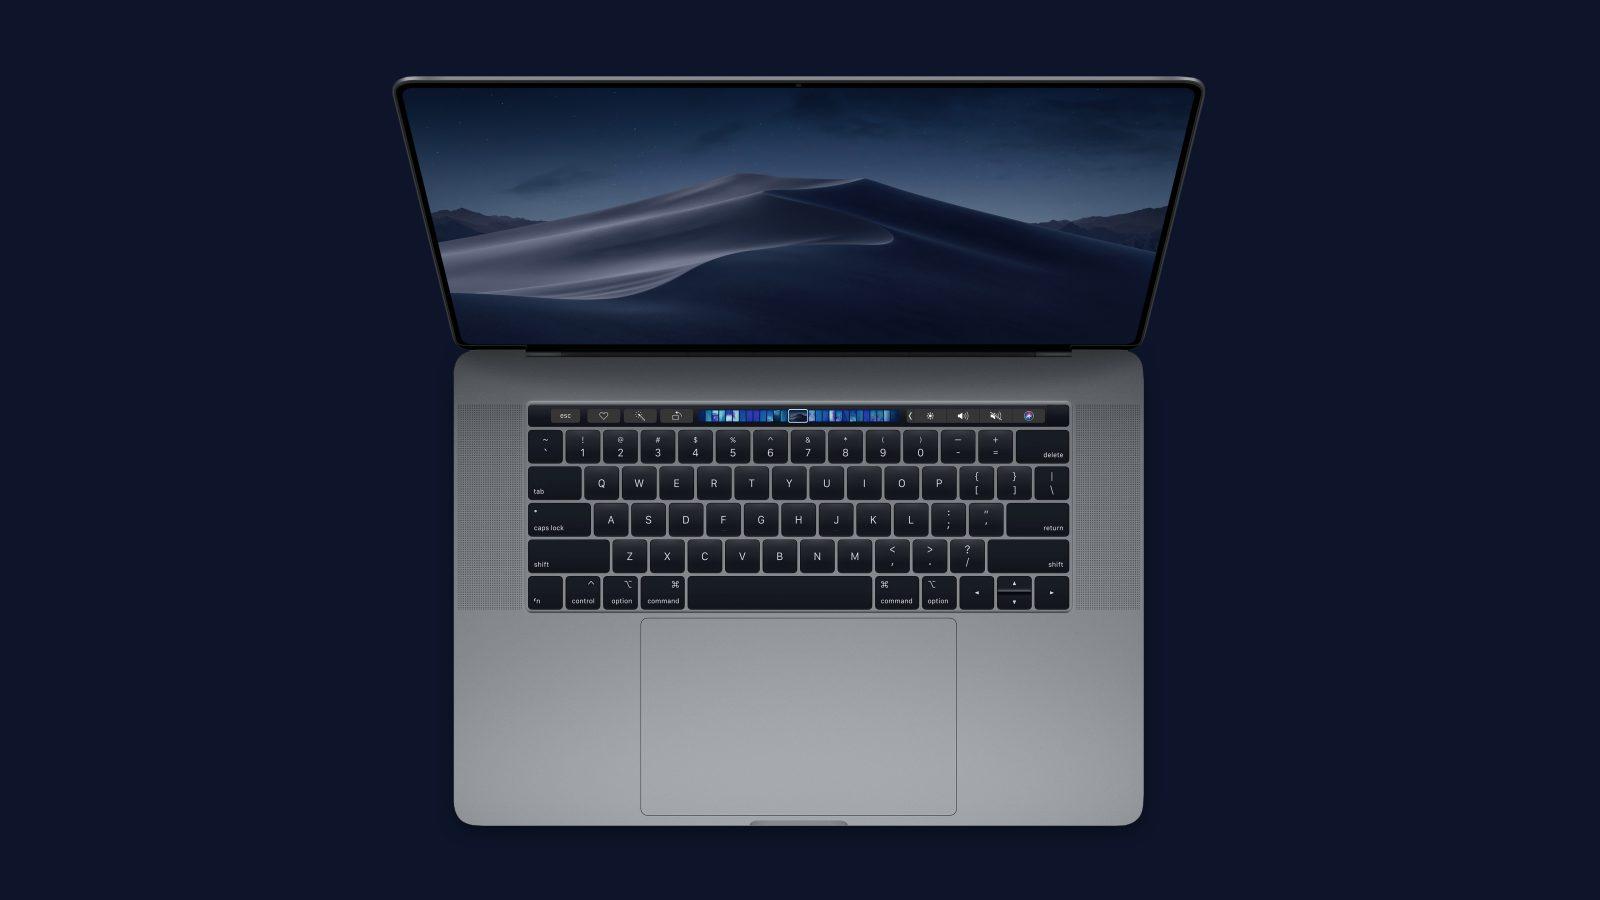 لپ تاپ مک بوک پرو 16 اینچی اپل MacBook Pro 16 | چیکاو